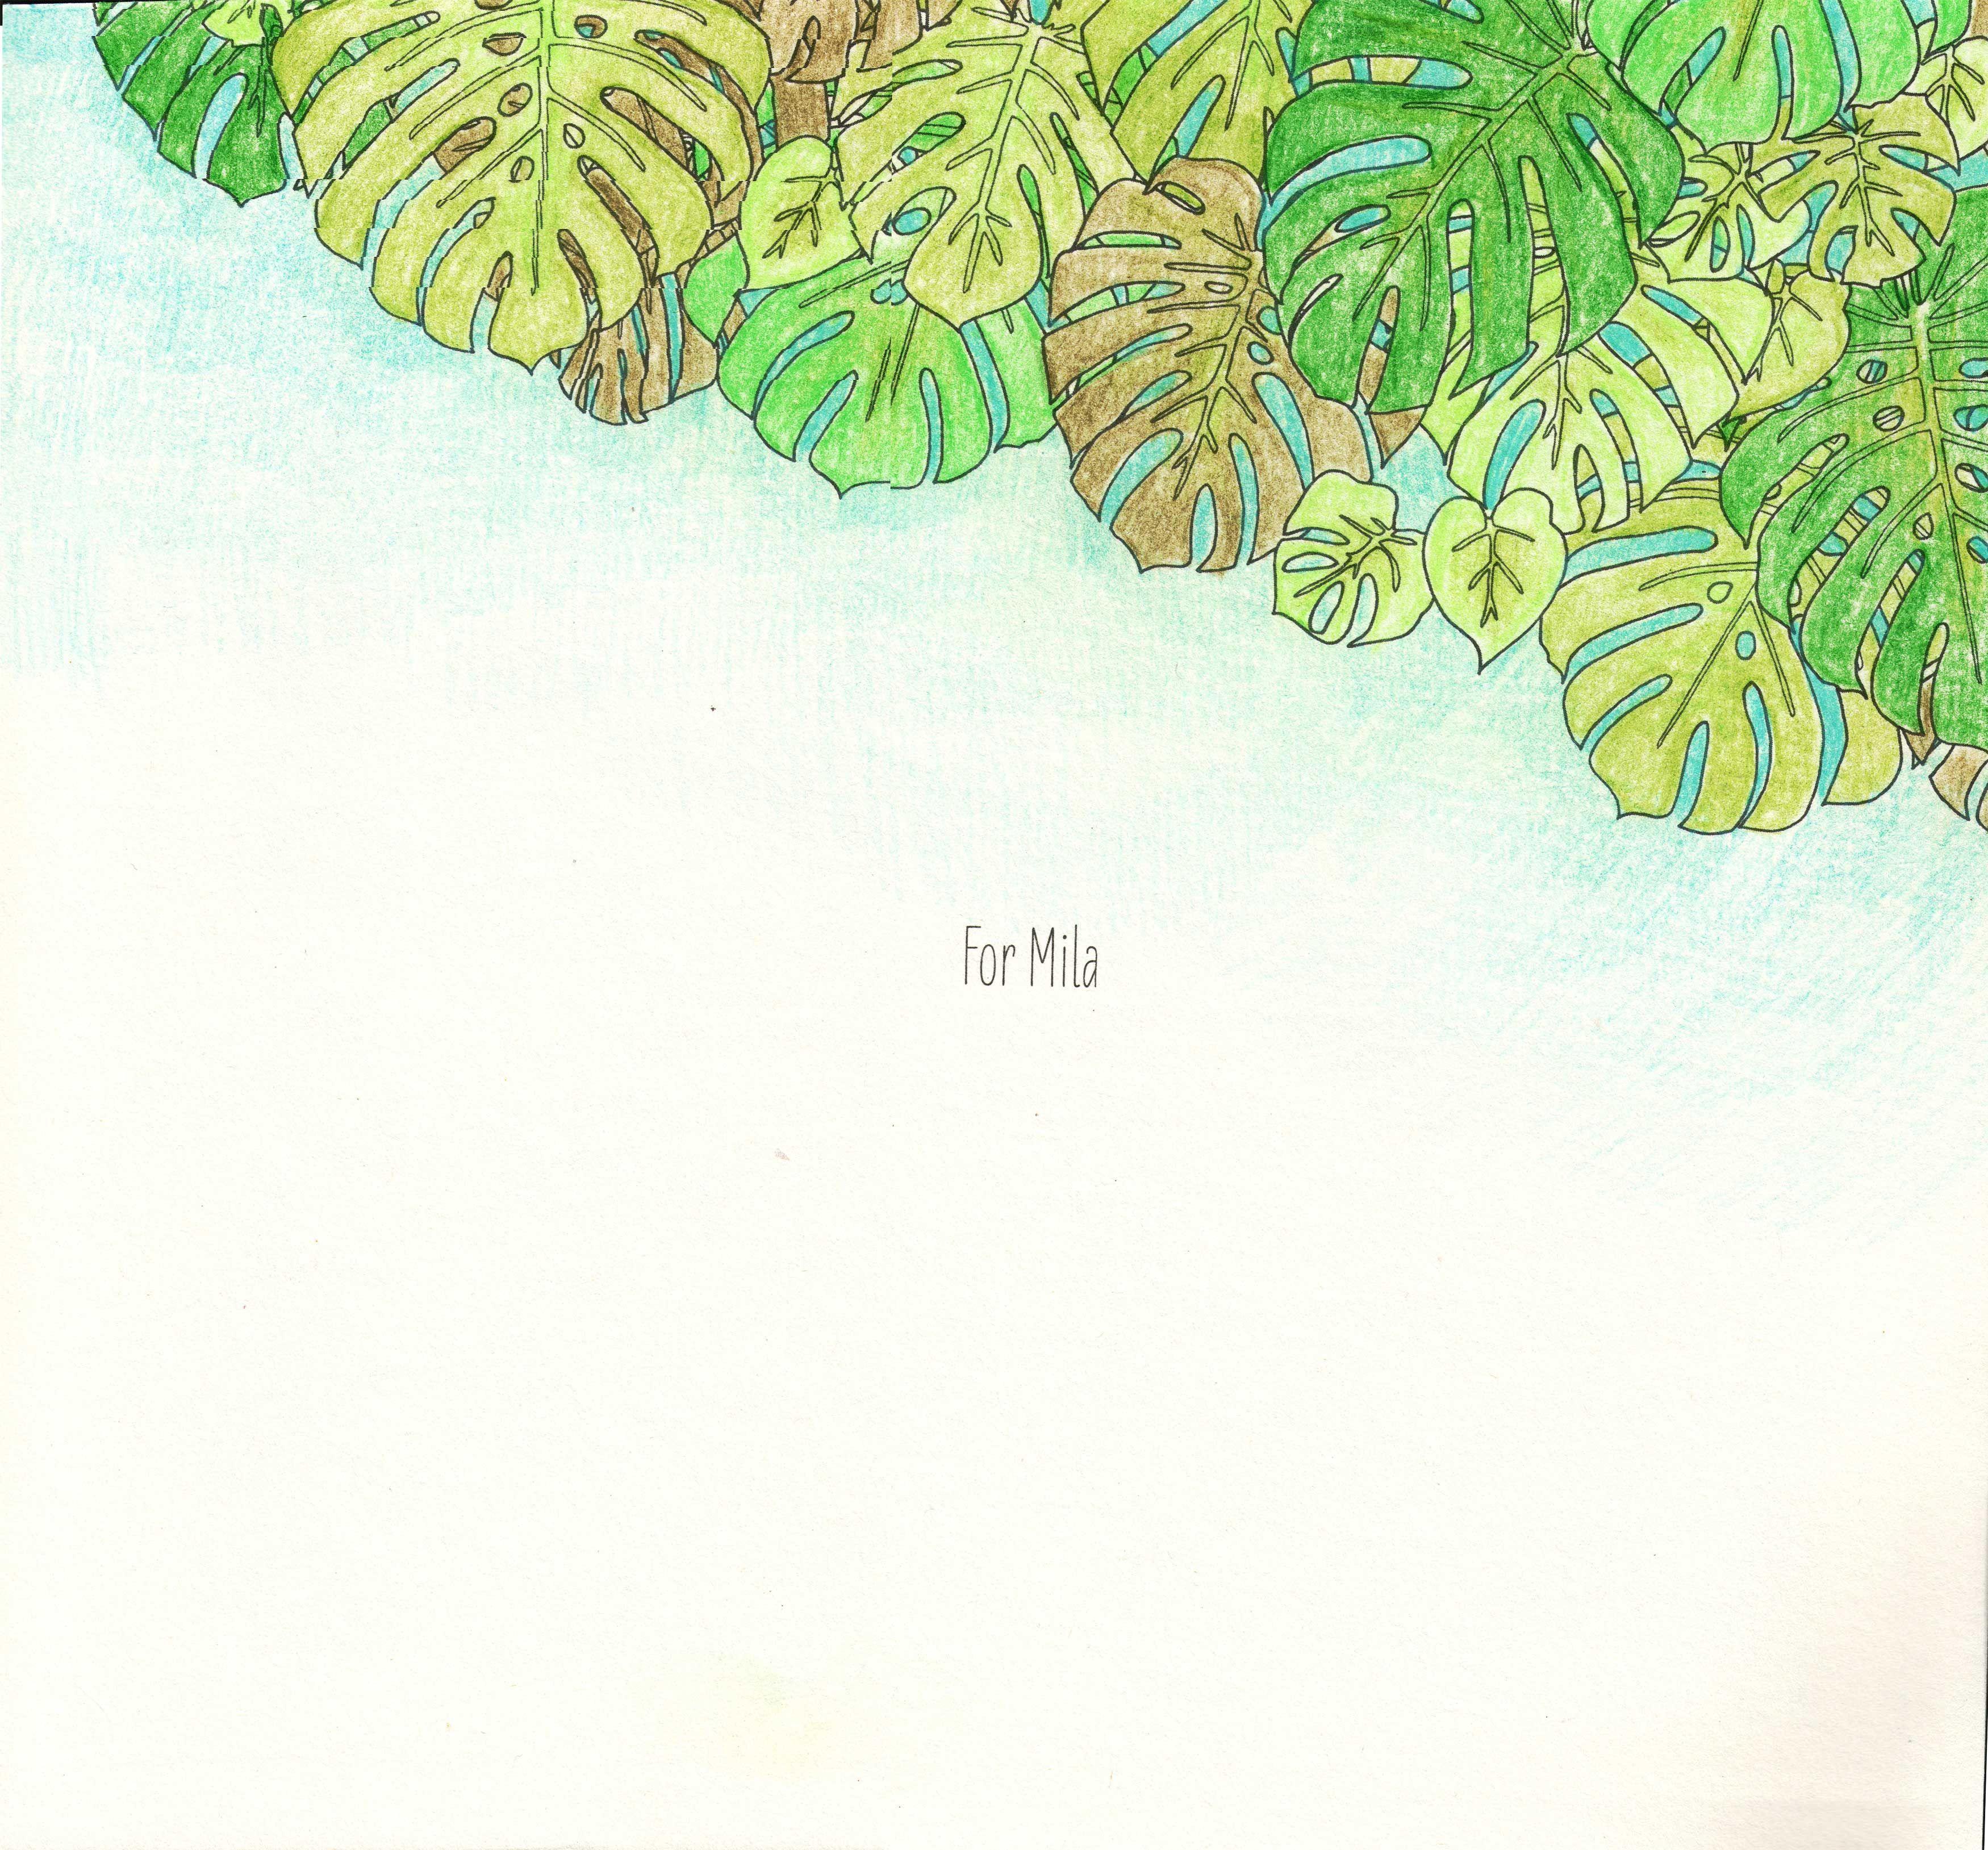 Jade Gedeon Rainforest Escape coloring book | Jade Gedeon ...